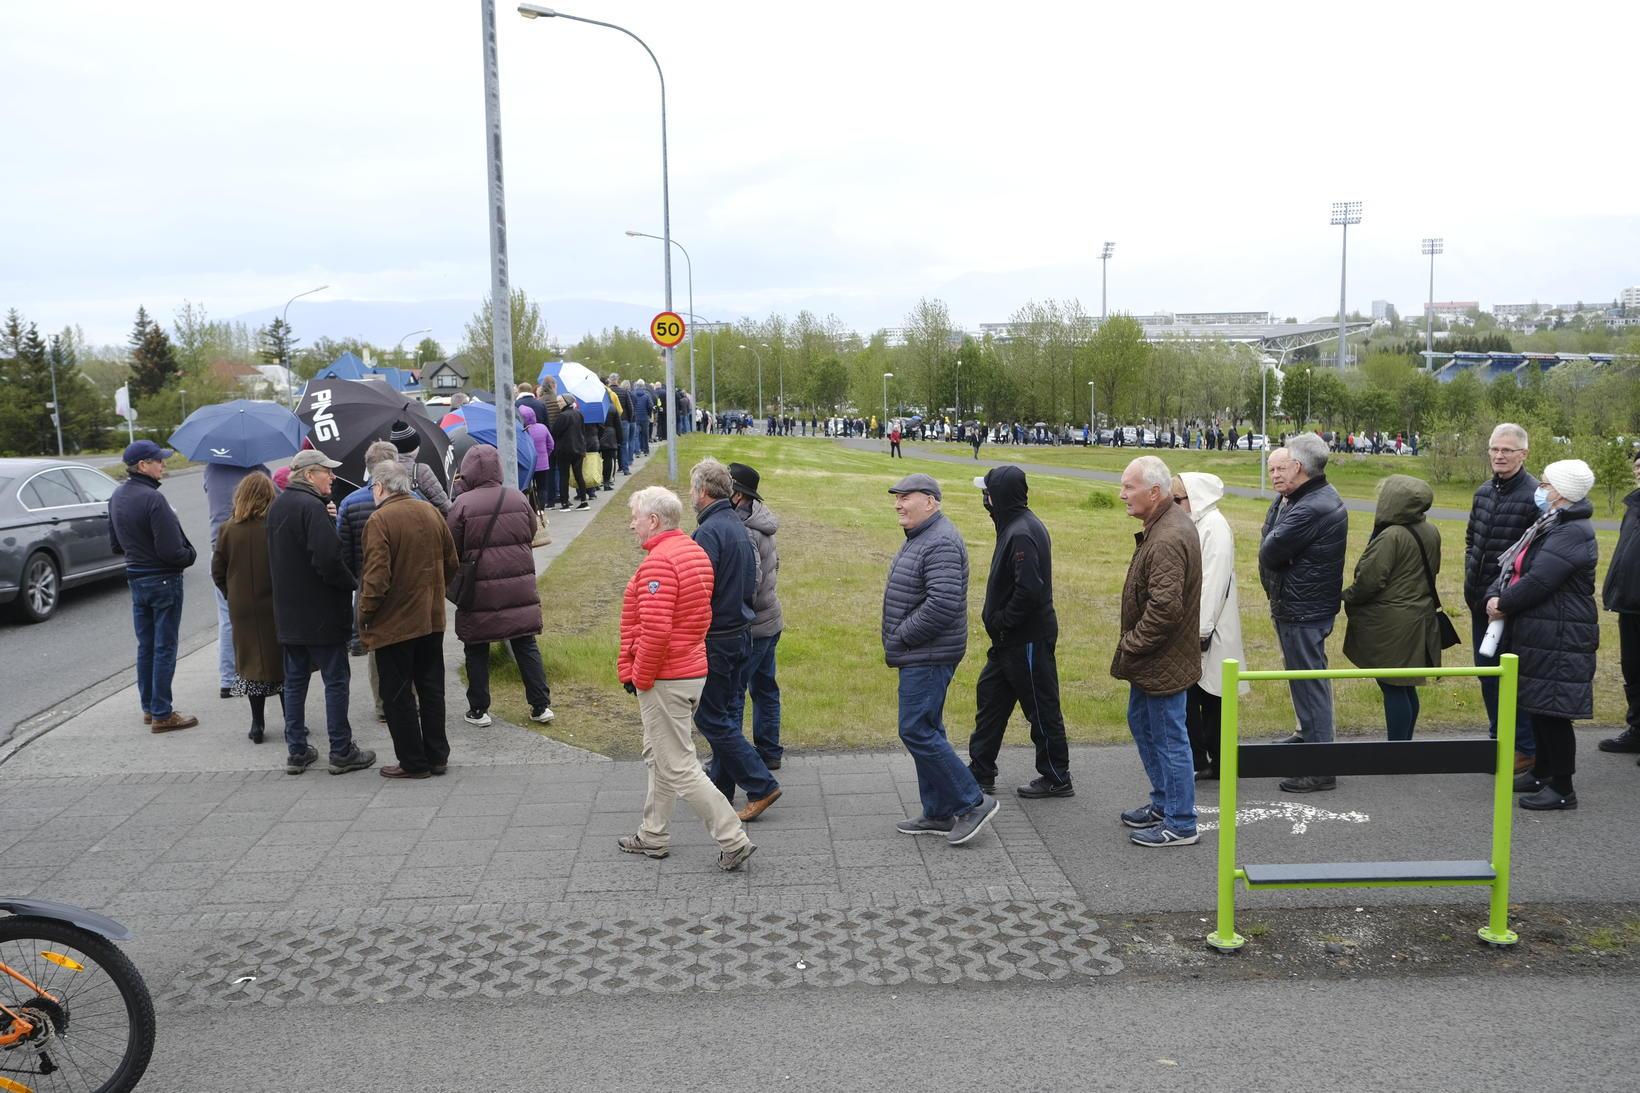 Röðin til að komast í bólusetningu í Laugardalshöll í dag …